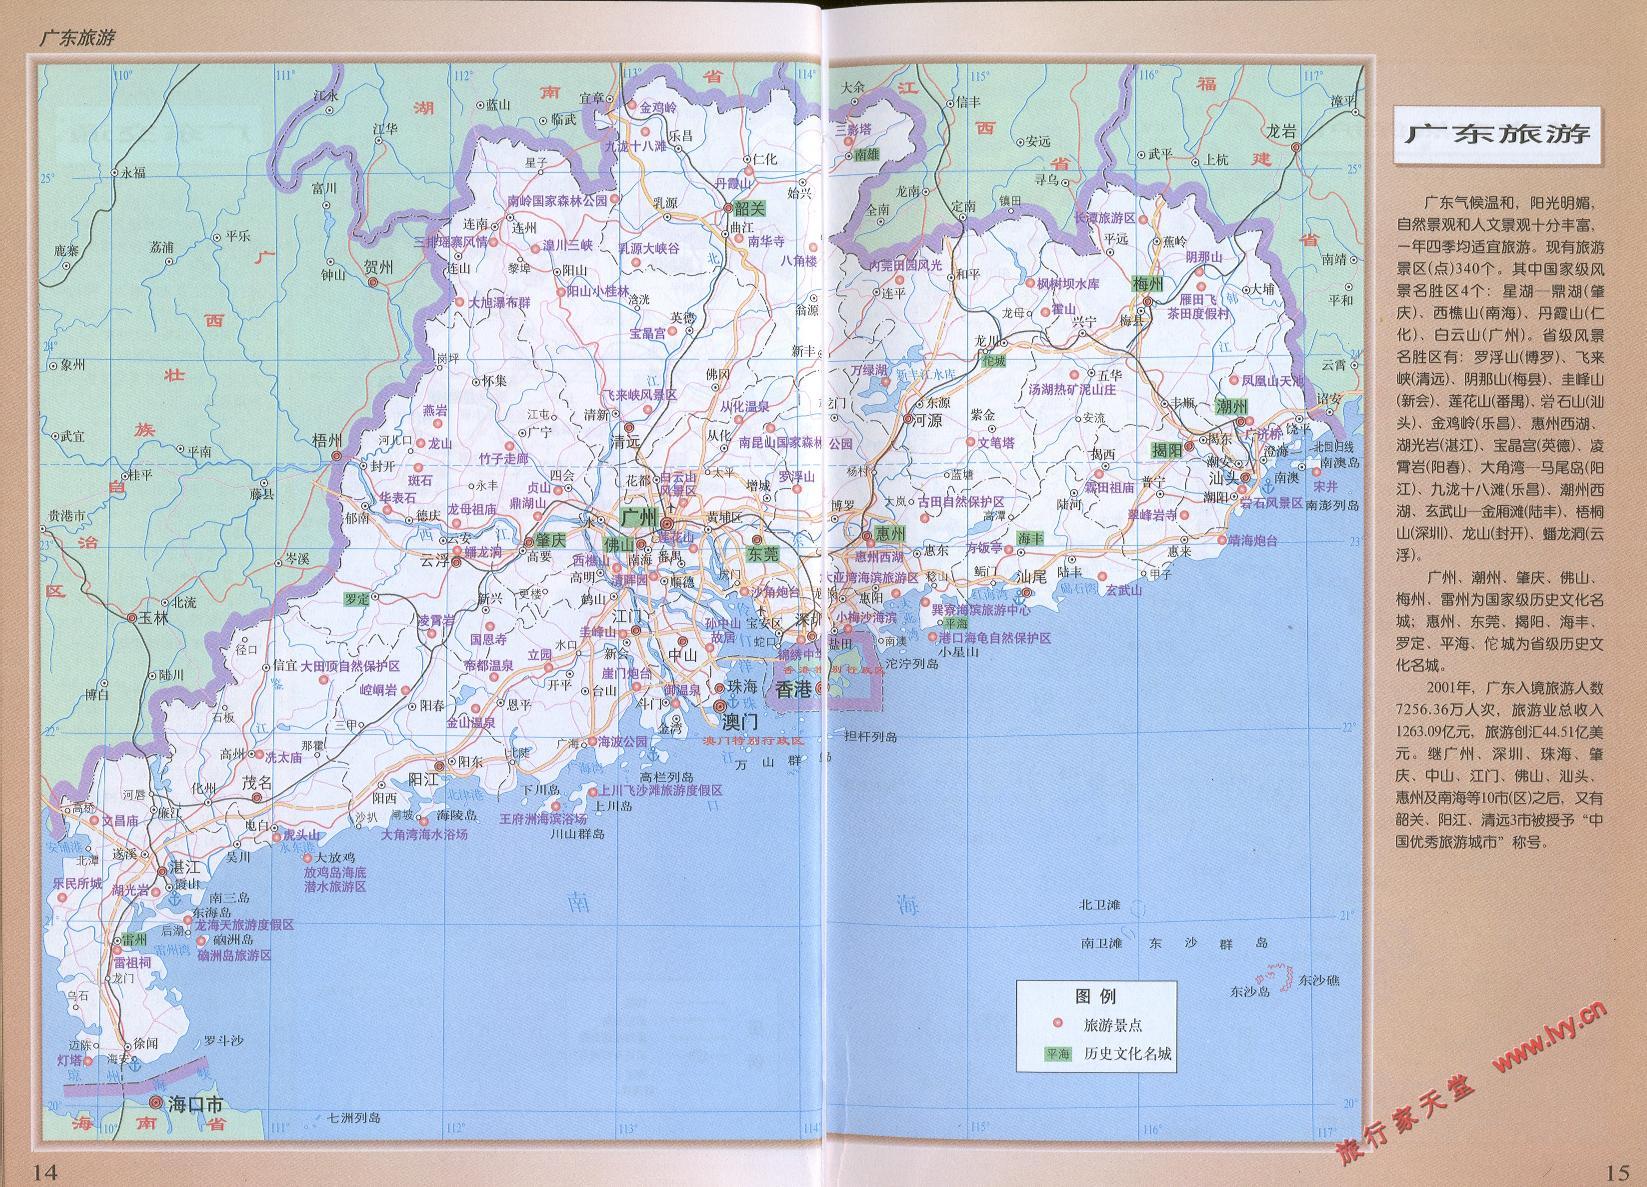 广东旅游风景区地图_广州市地图查询